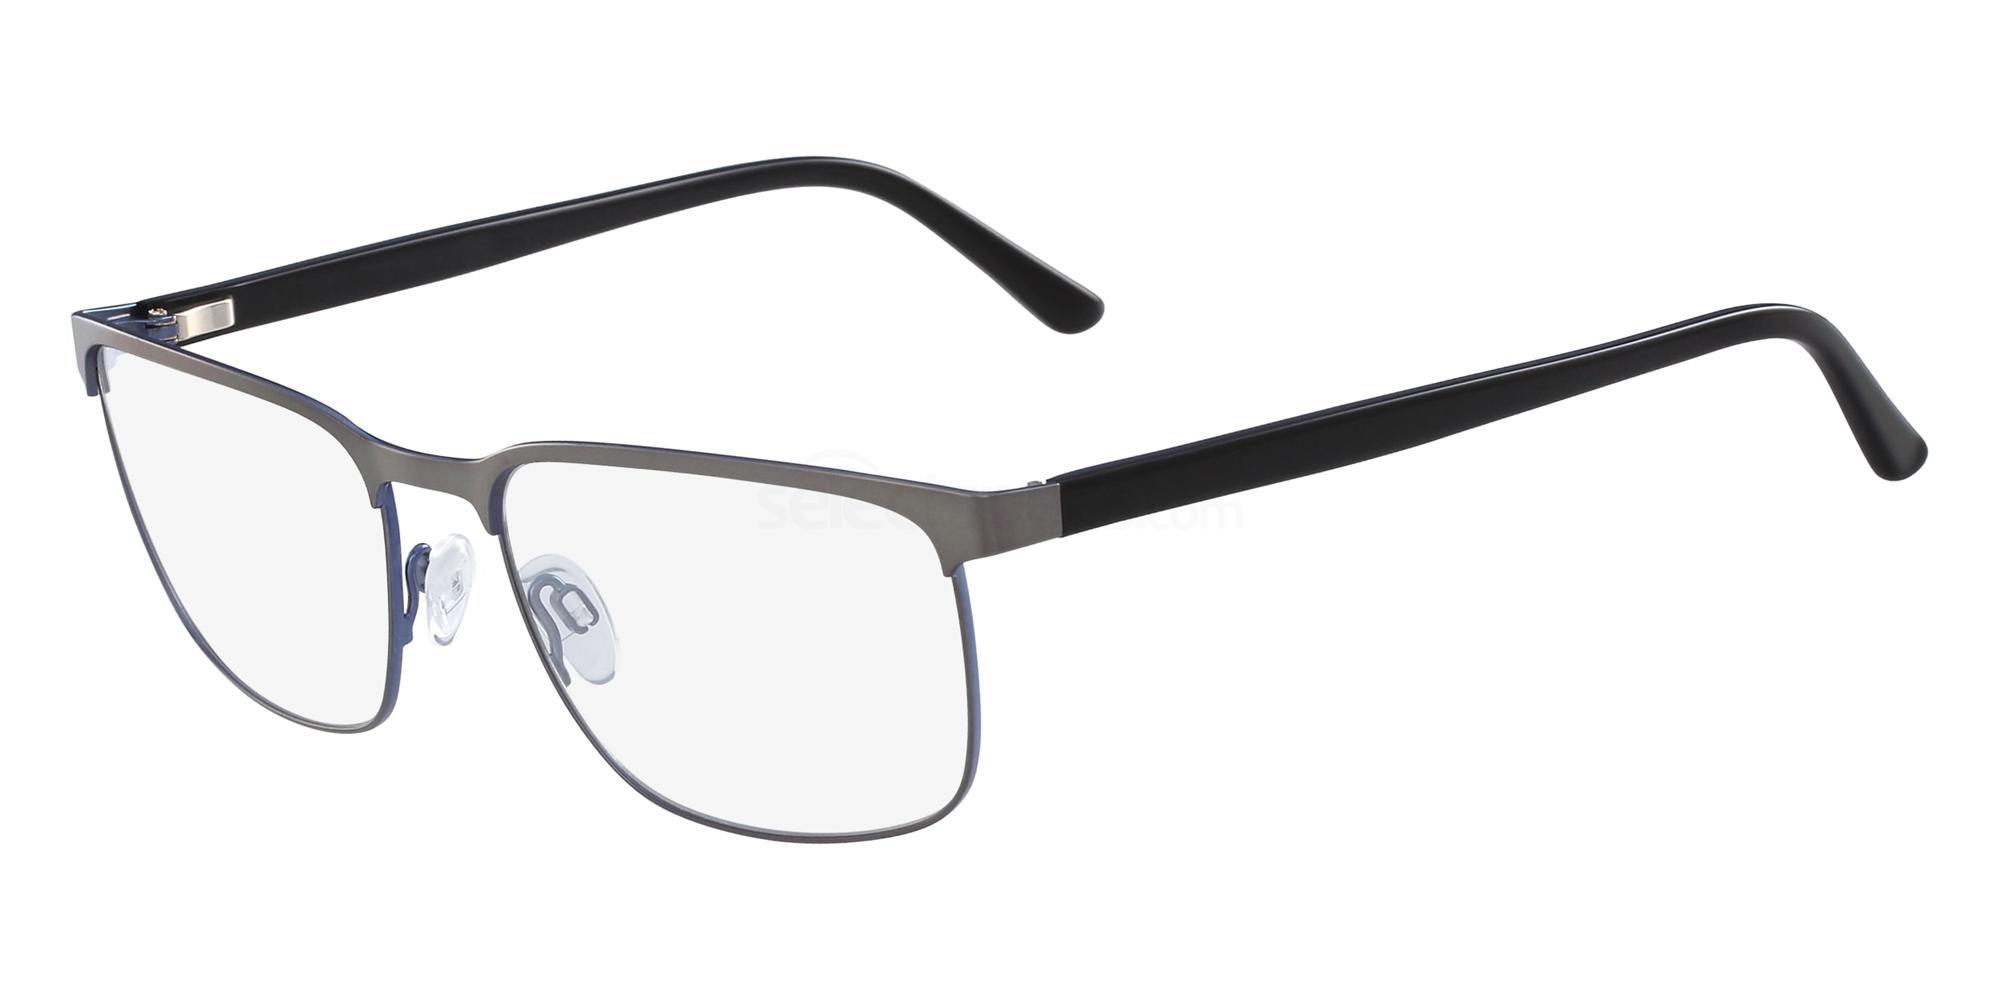 033 2716 FASAN Glasses, Skaga